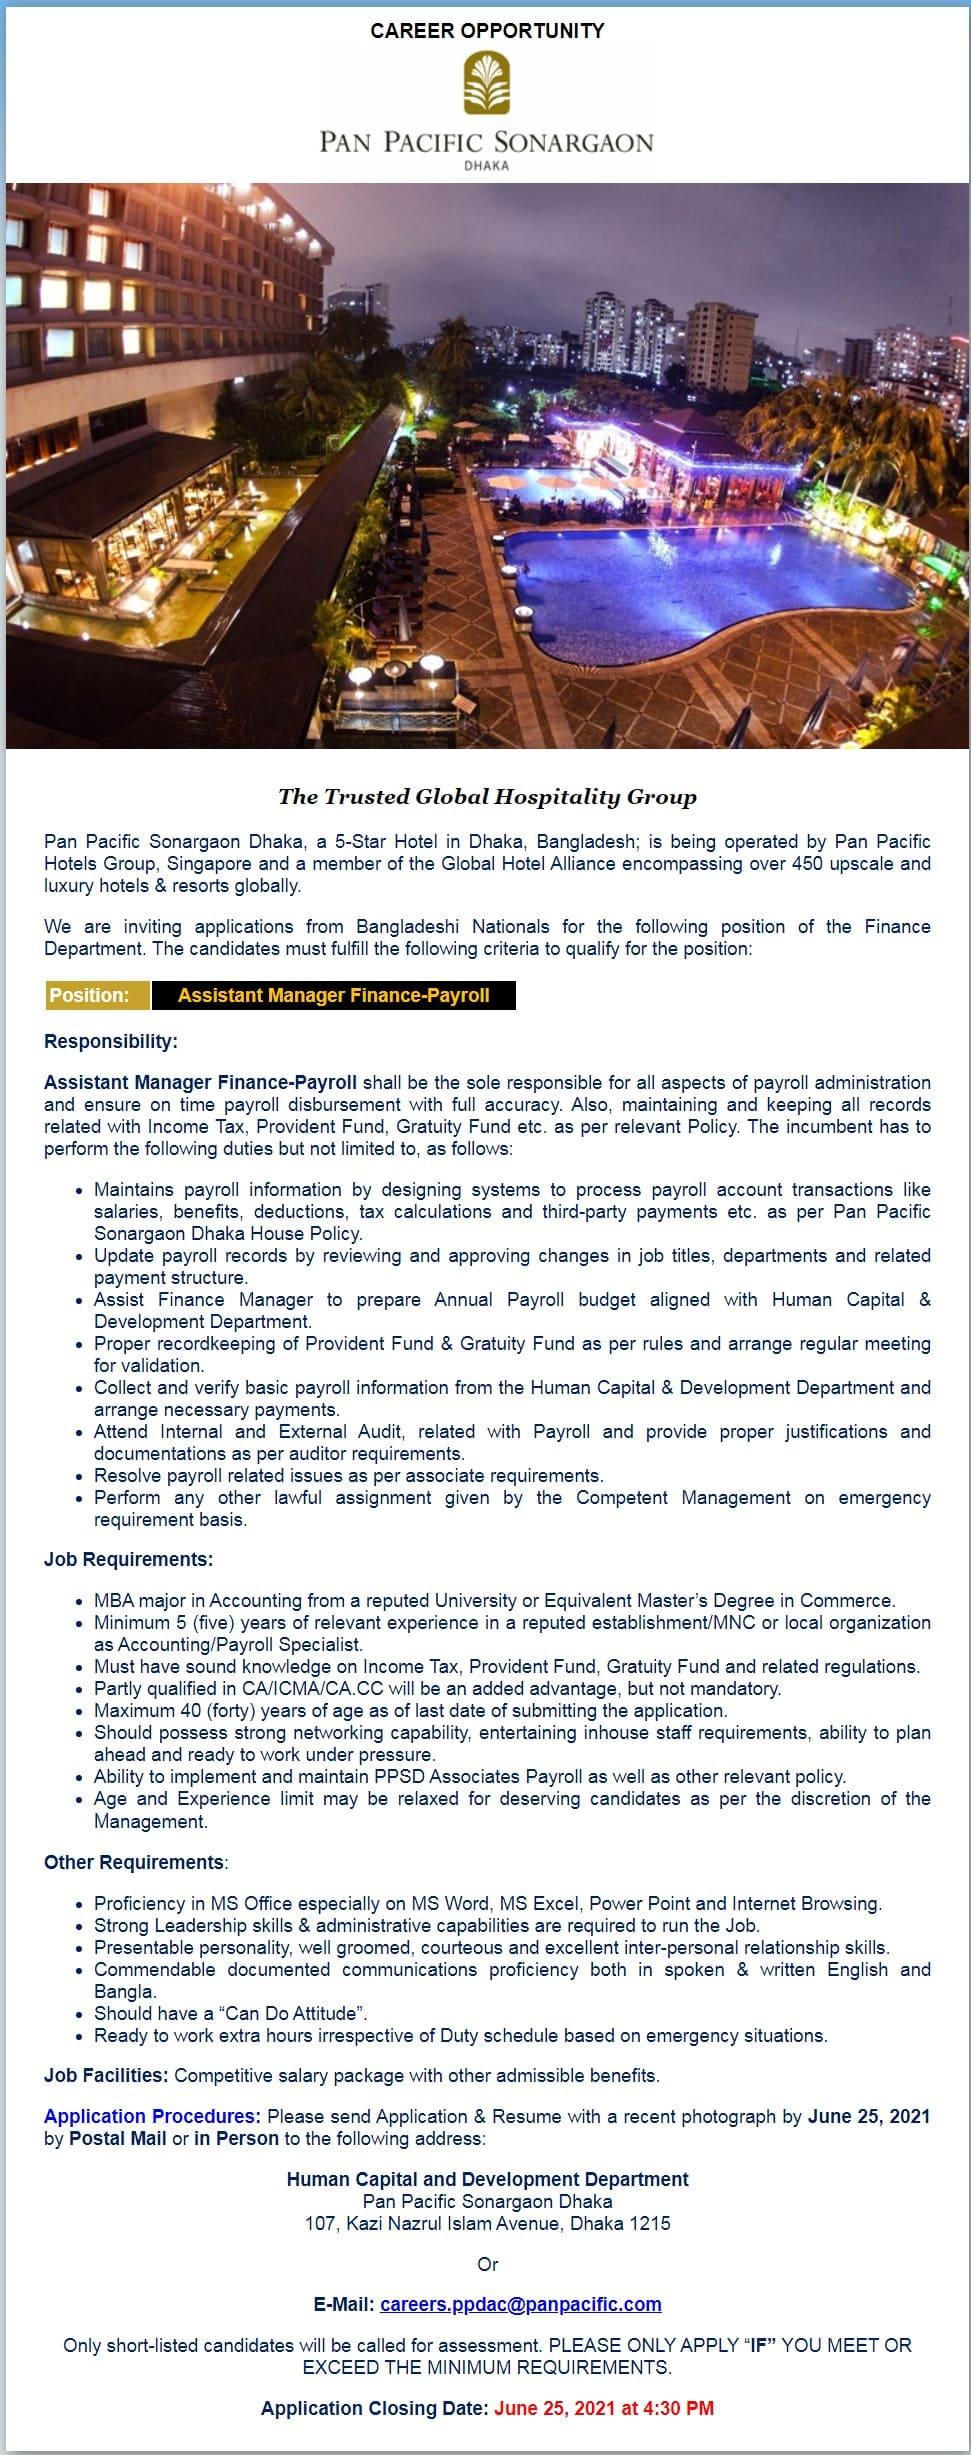 Pan Pacific Sonargaon Hotels and Resorts Job Circular 2021